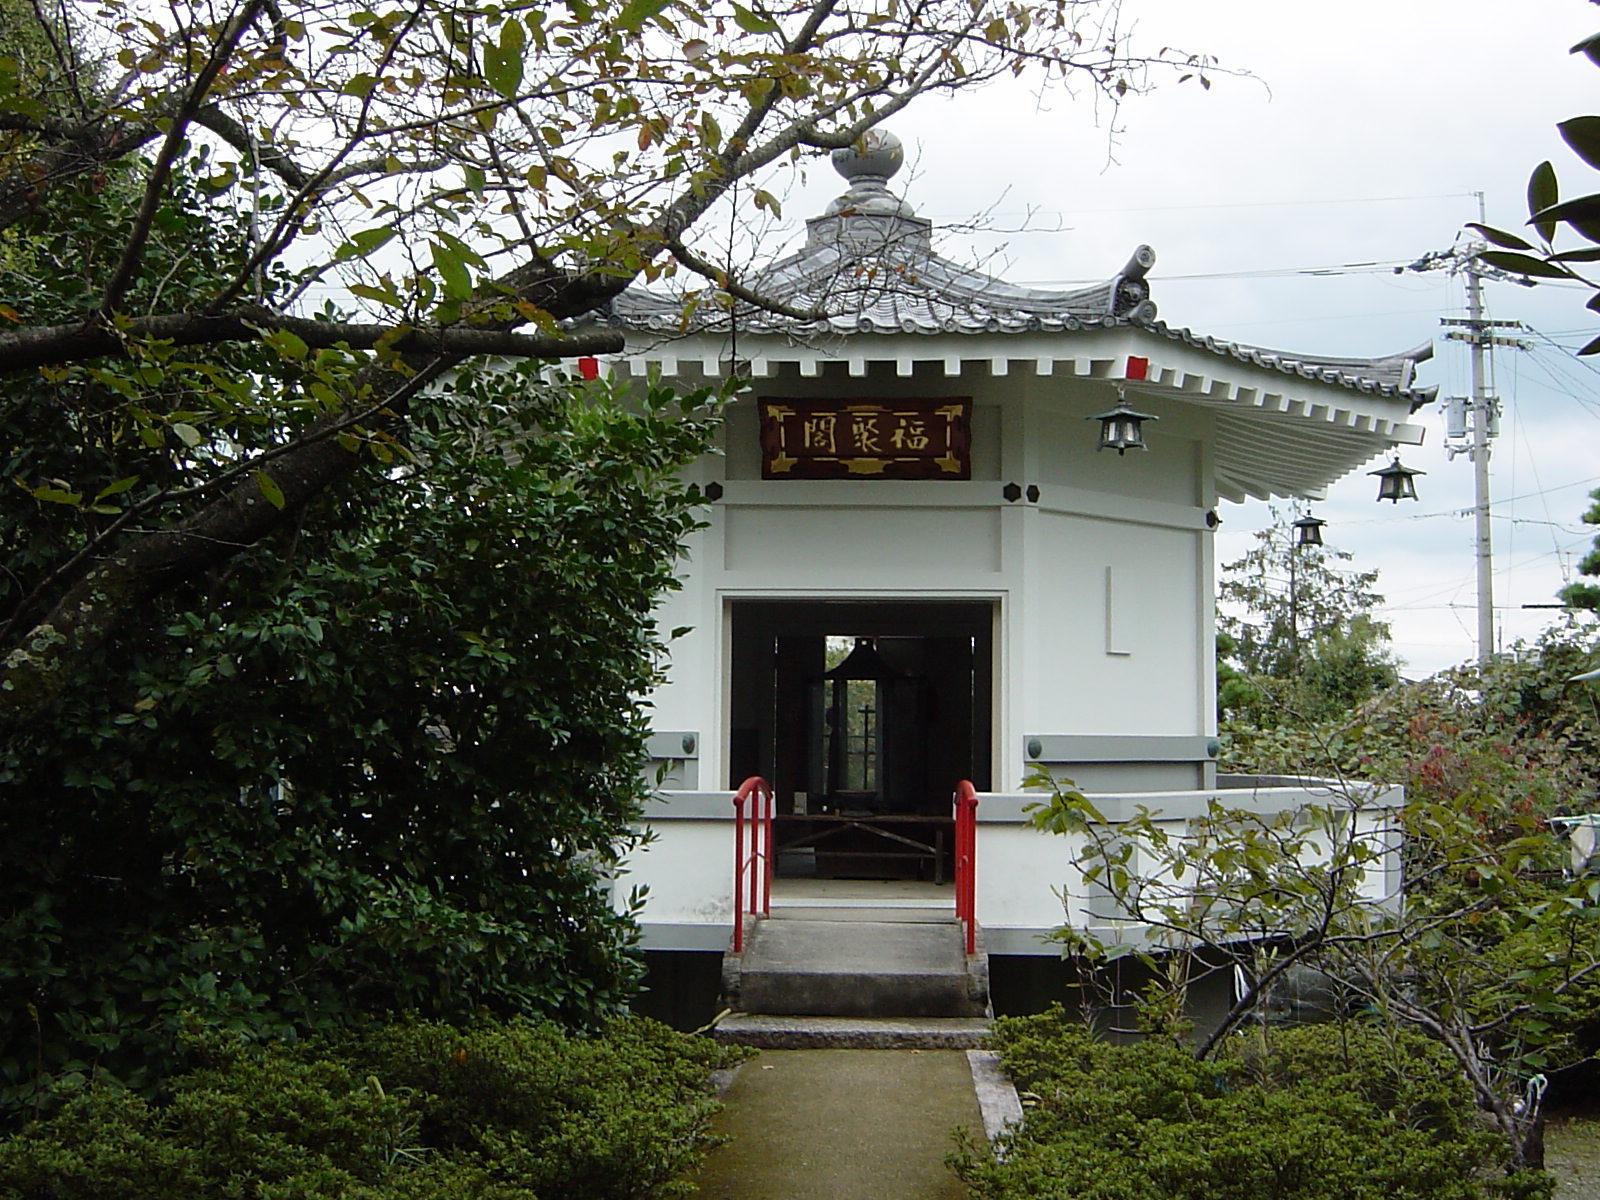 NBR. 63  Kichijoji